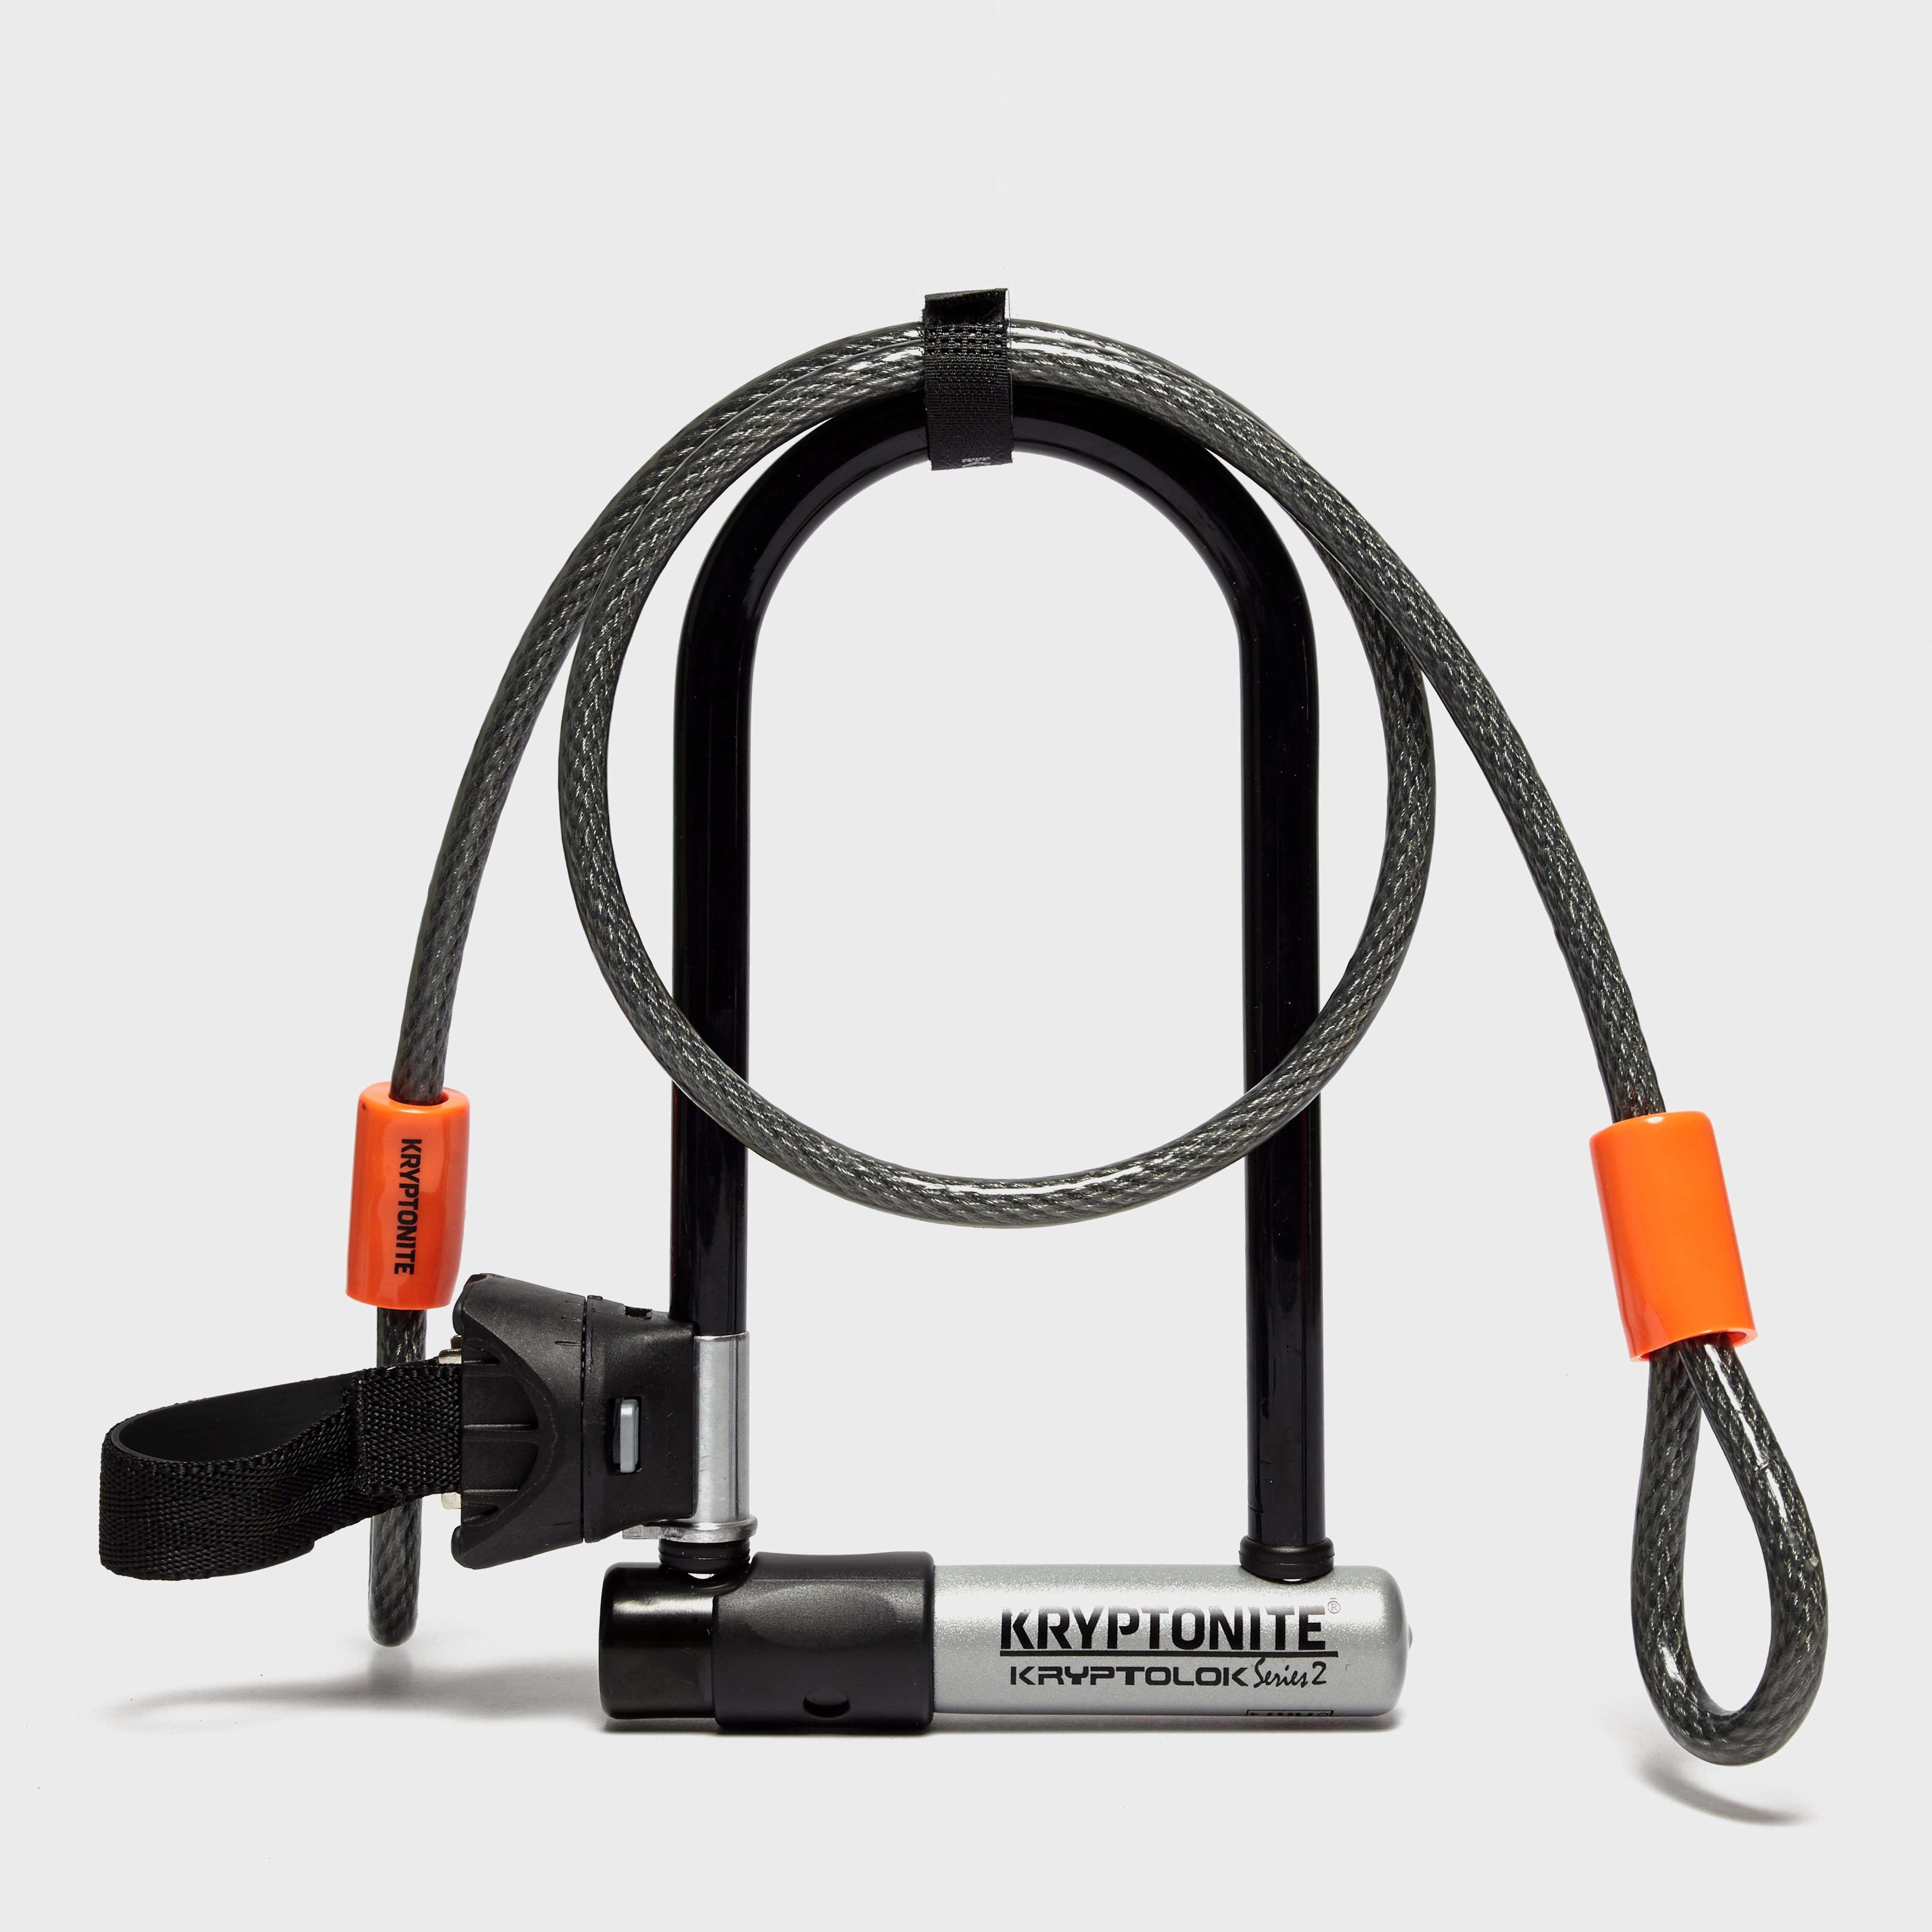 KRYPTONITE Series 2 Standard U-Lock